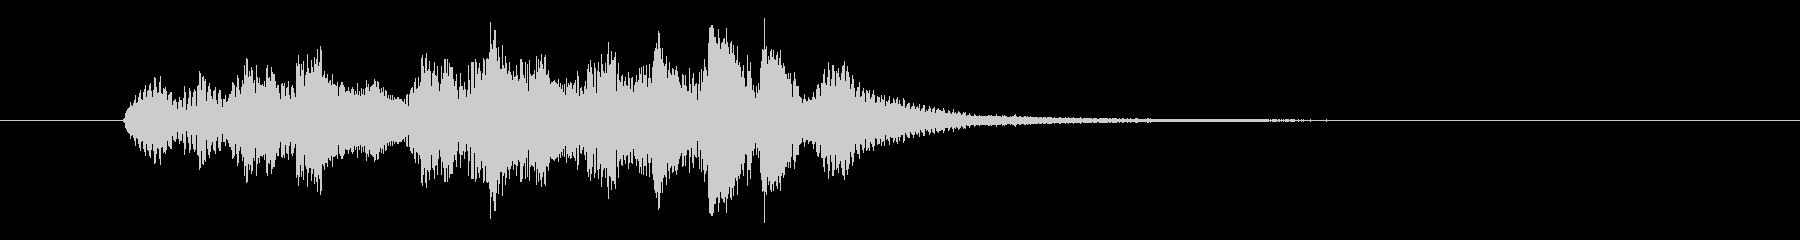 ファンファンファン(起動、終了音)の未再生の波形